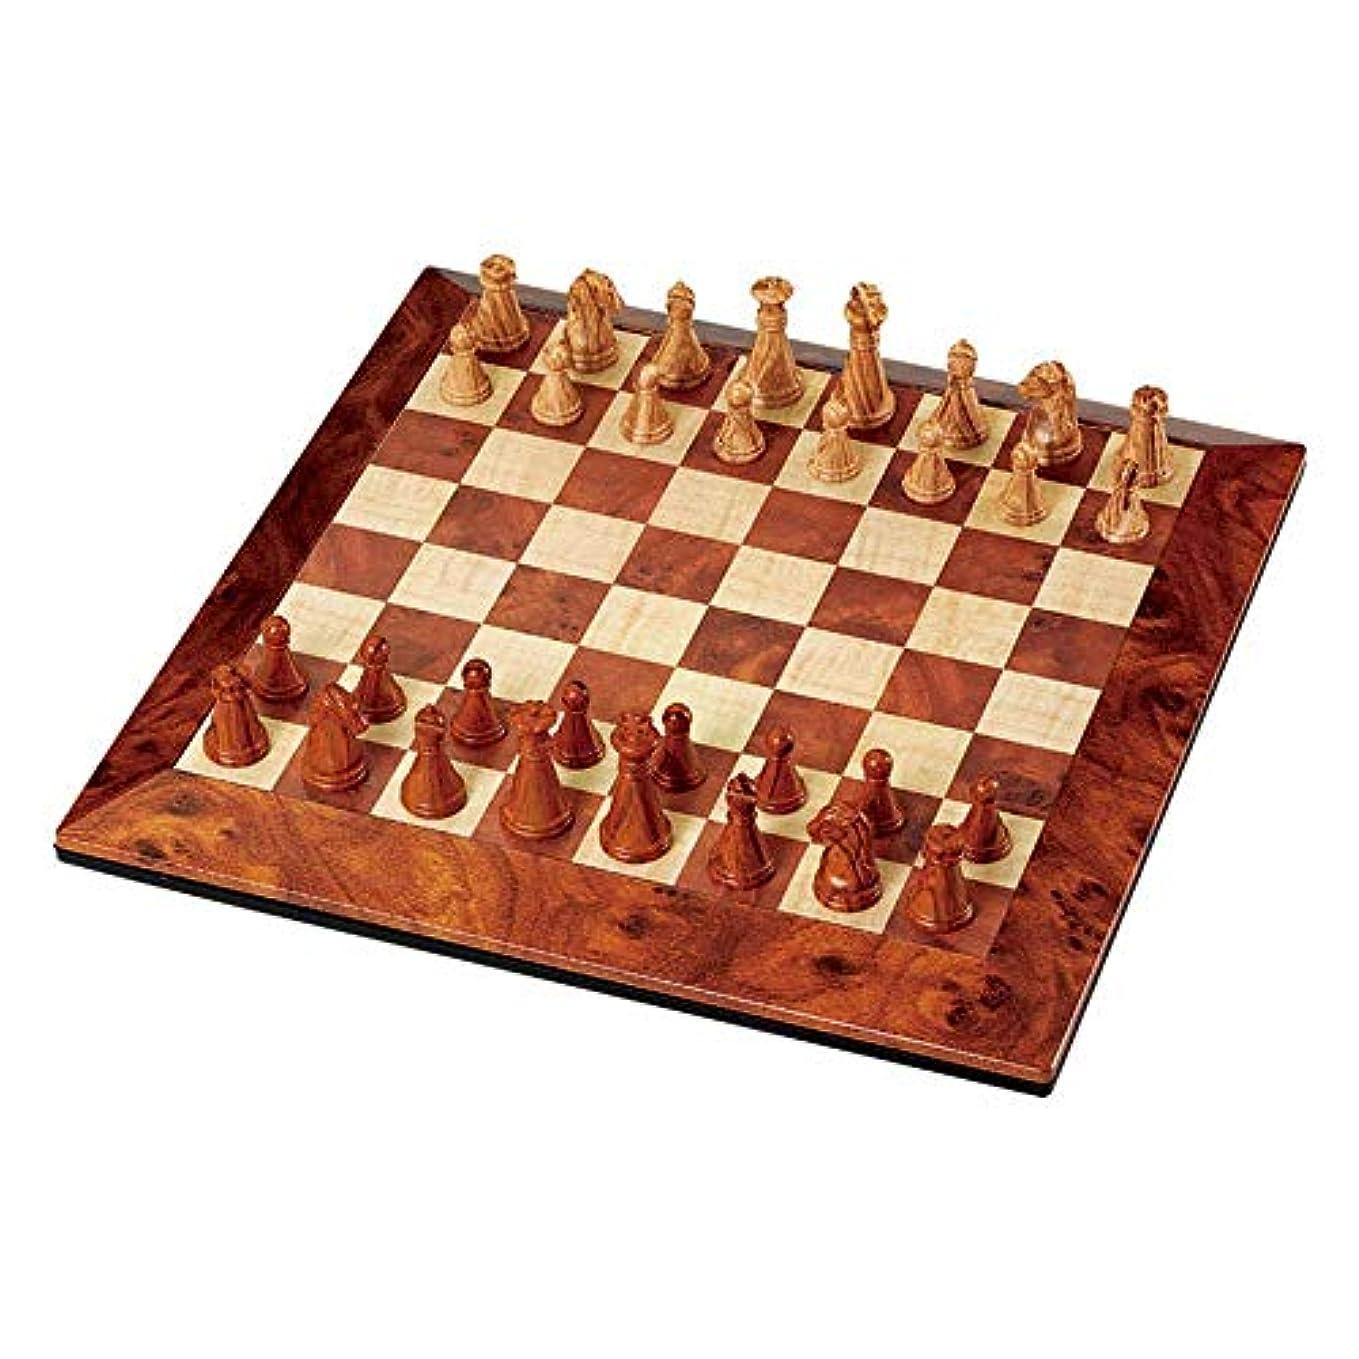 音声免除する鰐チェスセット セ 大人の子供のための磁気旅行チェスセットの携帯用従来のチェスのゲーム マスターチェス (色 : As picture, サイズ : 200x200x20MM)